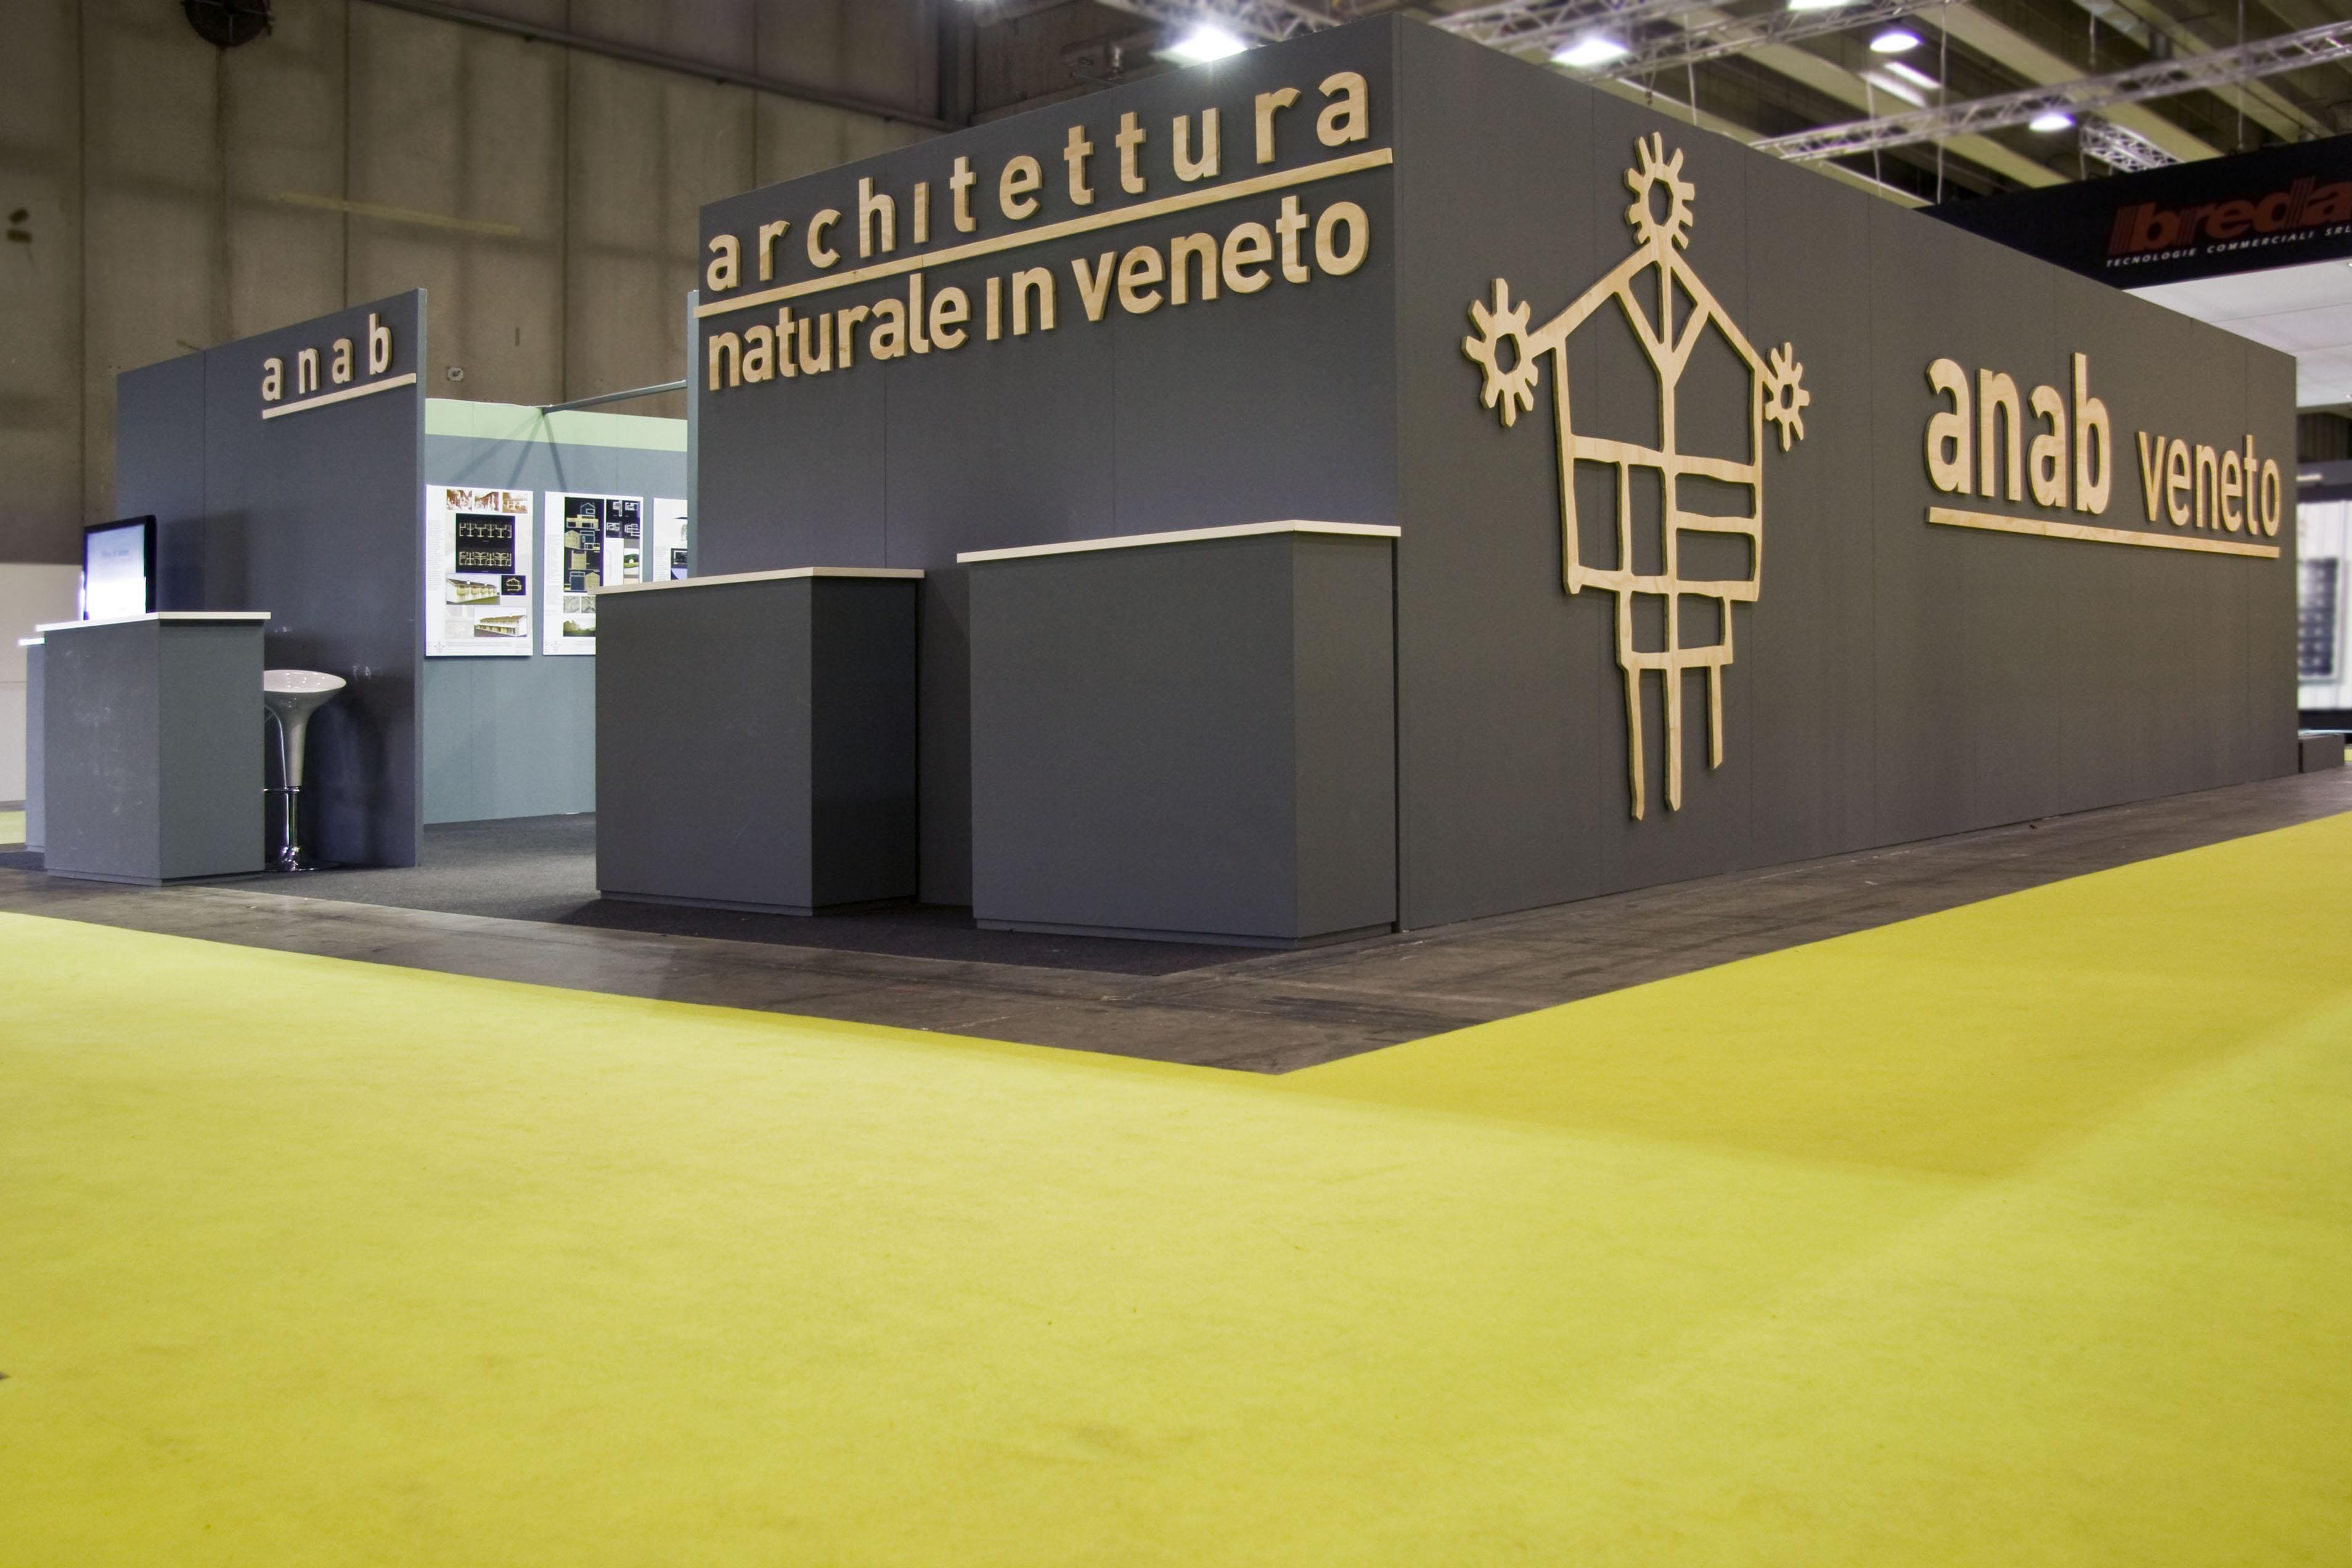 nicolaferiottistudio_anab_veneto_vr_01